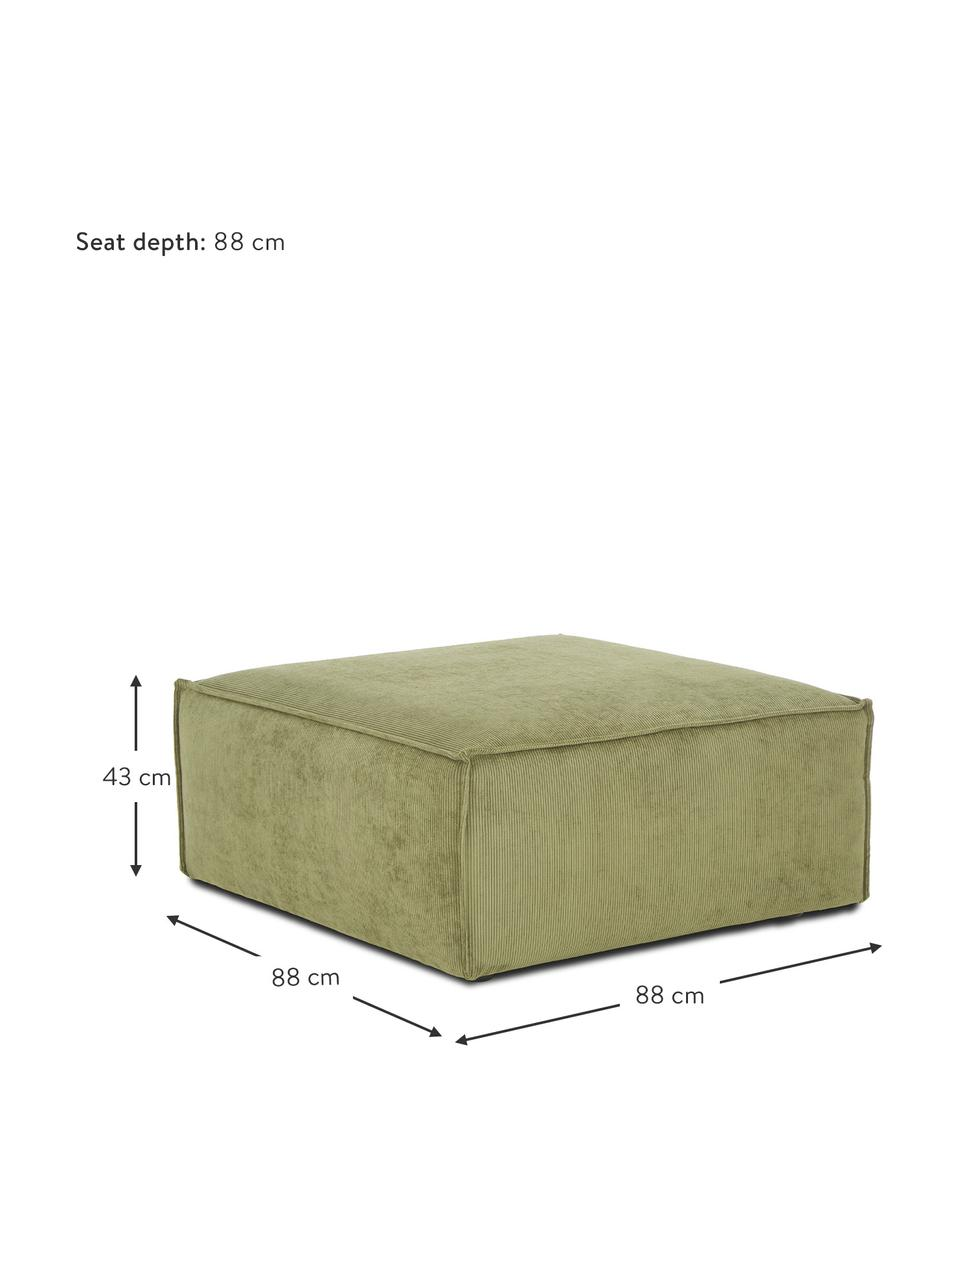 Voetenbank Lennon in groen van corduroy, Bekleding: corduroy (92% polyester, , Frame: massief grenenhout, multi, Poten: kunststof De poten bevind, Corduroy groen, 88 x 43 cm